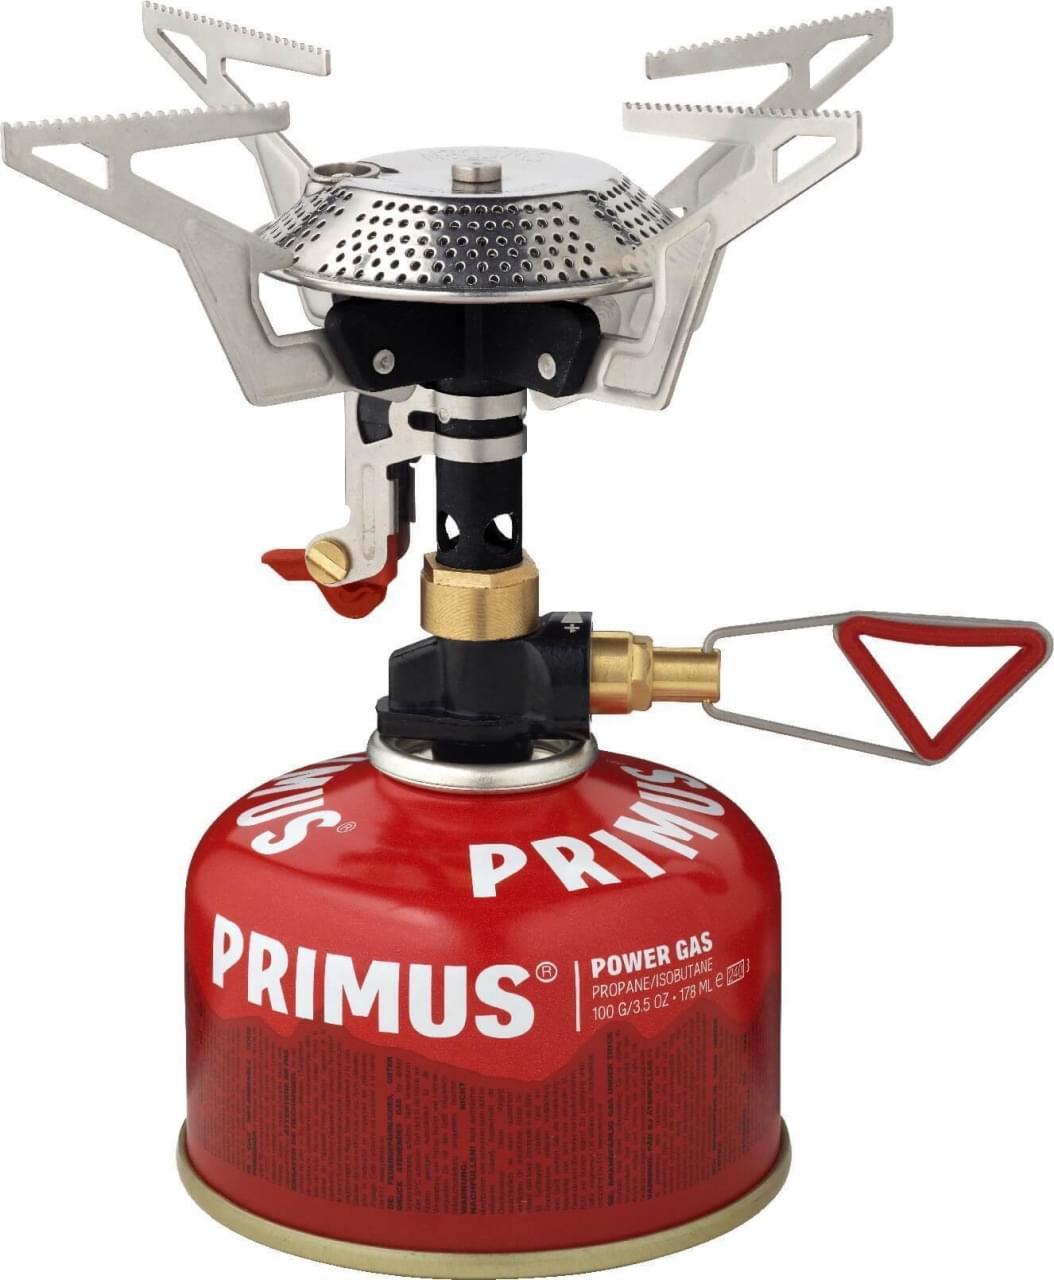 Primus PowerTrail Stove Piezo Reg. Duo